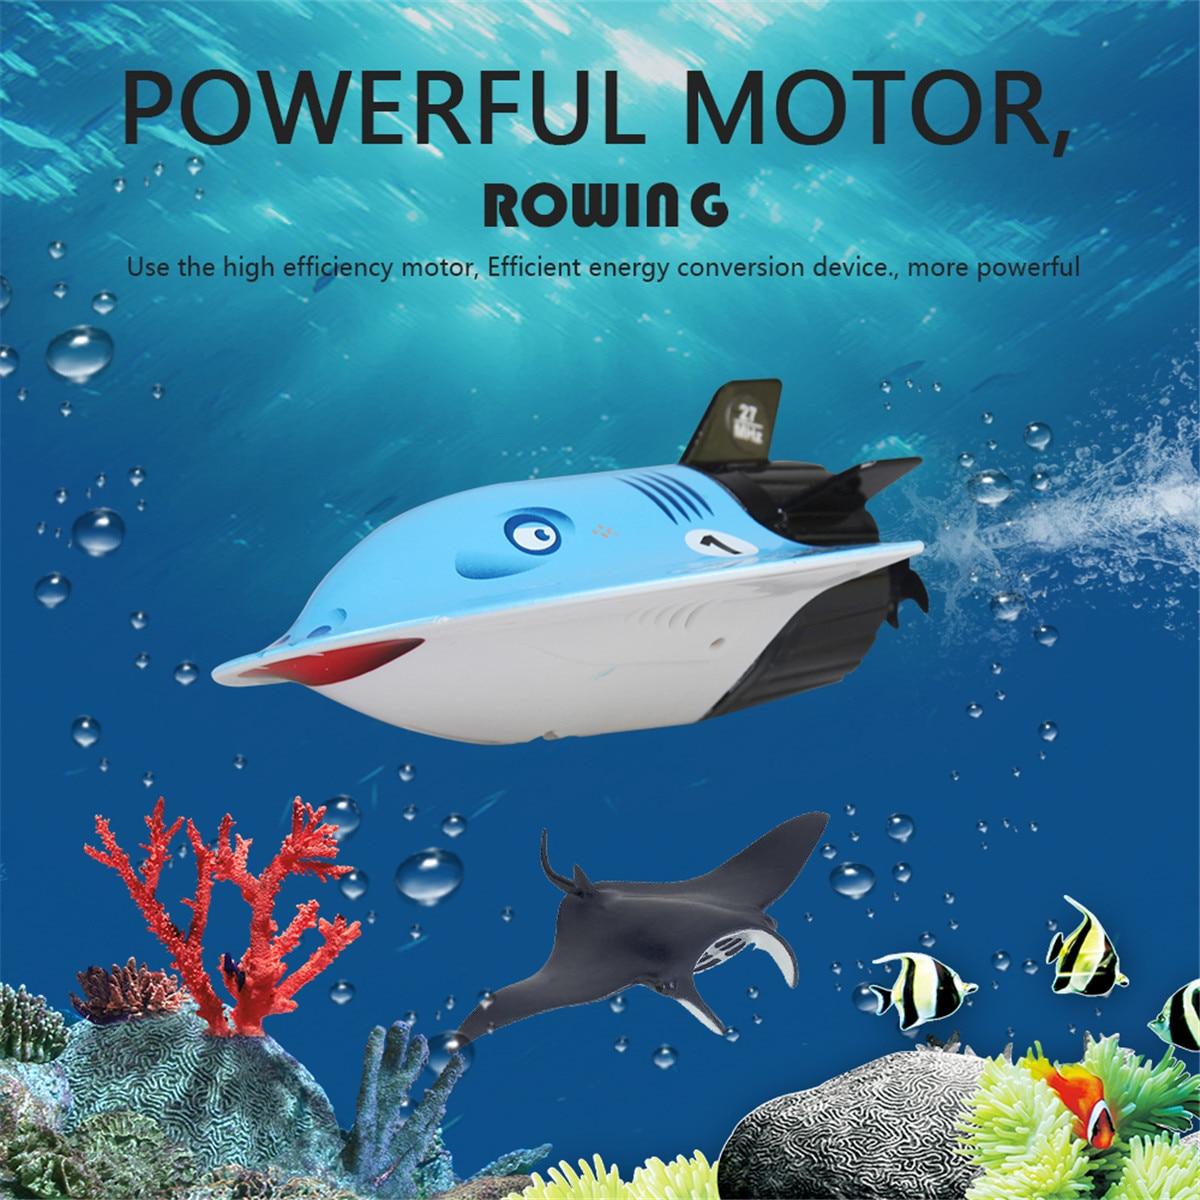 Sammeln & Seltenes Diskret Mini Rc Submarine Modell Spielzeug Fernbedienung Submarine 2,4g 4 Kanal Rechargable Elektronische Spielzeug Hohe Geschwindigkeit Fisch Sport Lustig Kinder